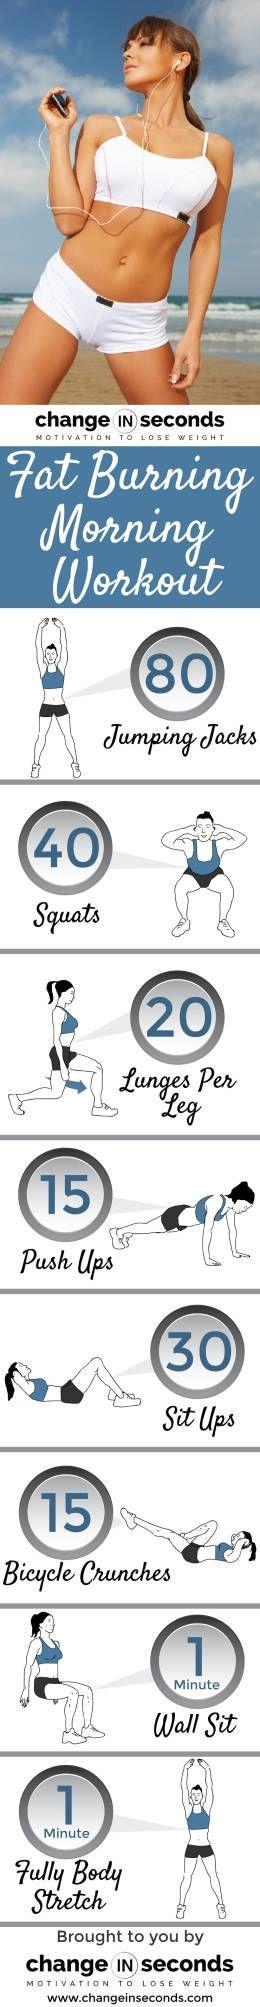 Fat Burning Morning Workout